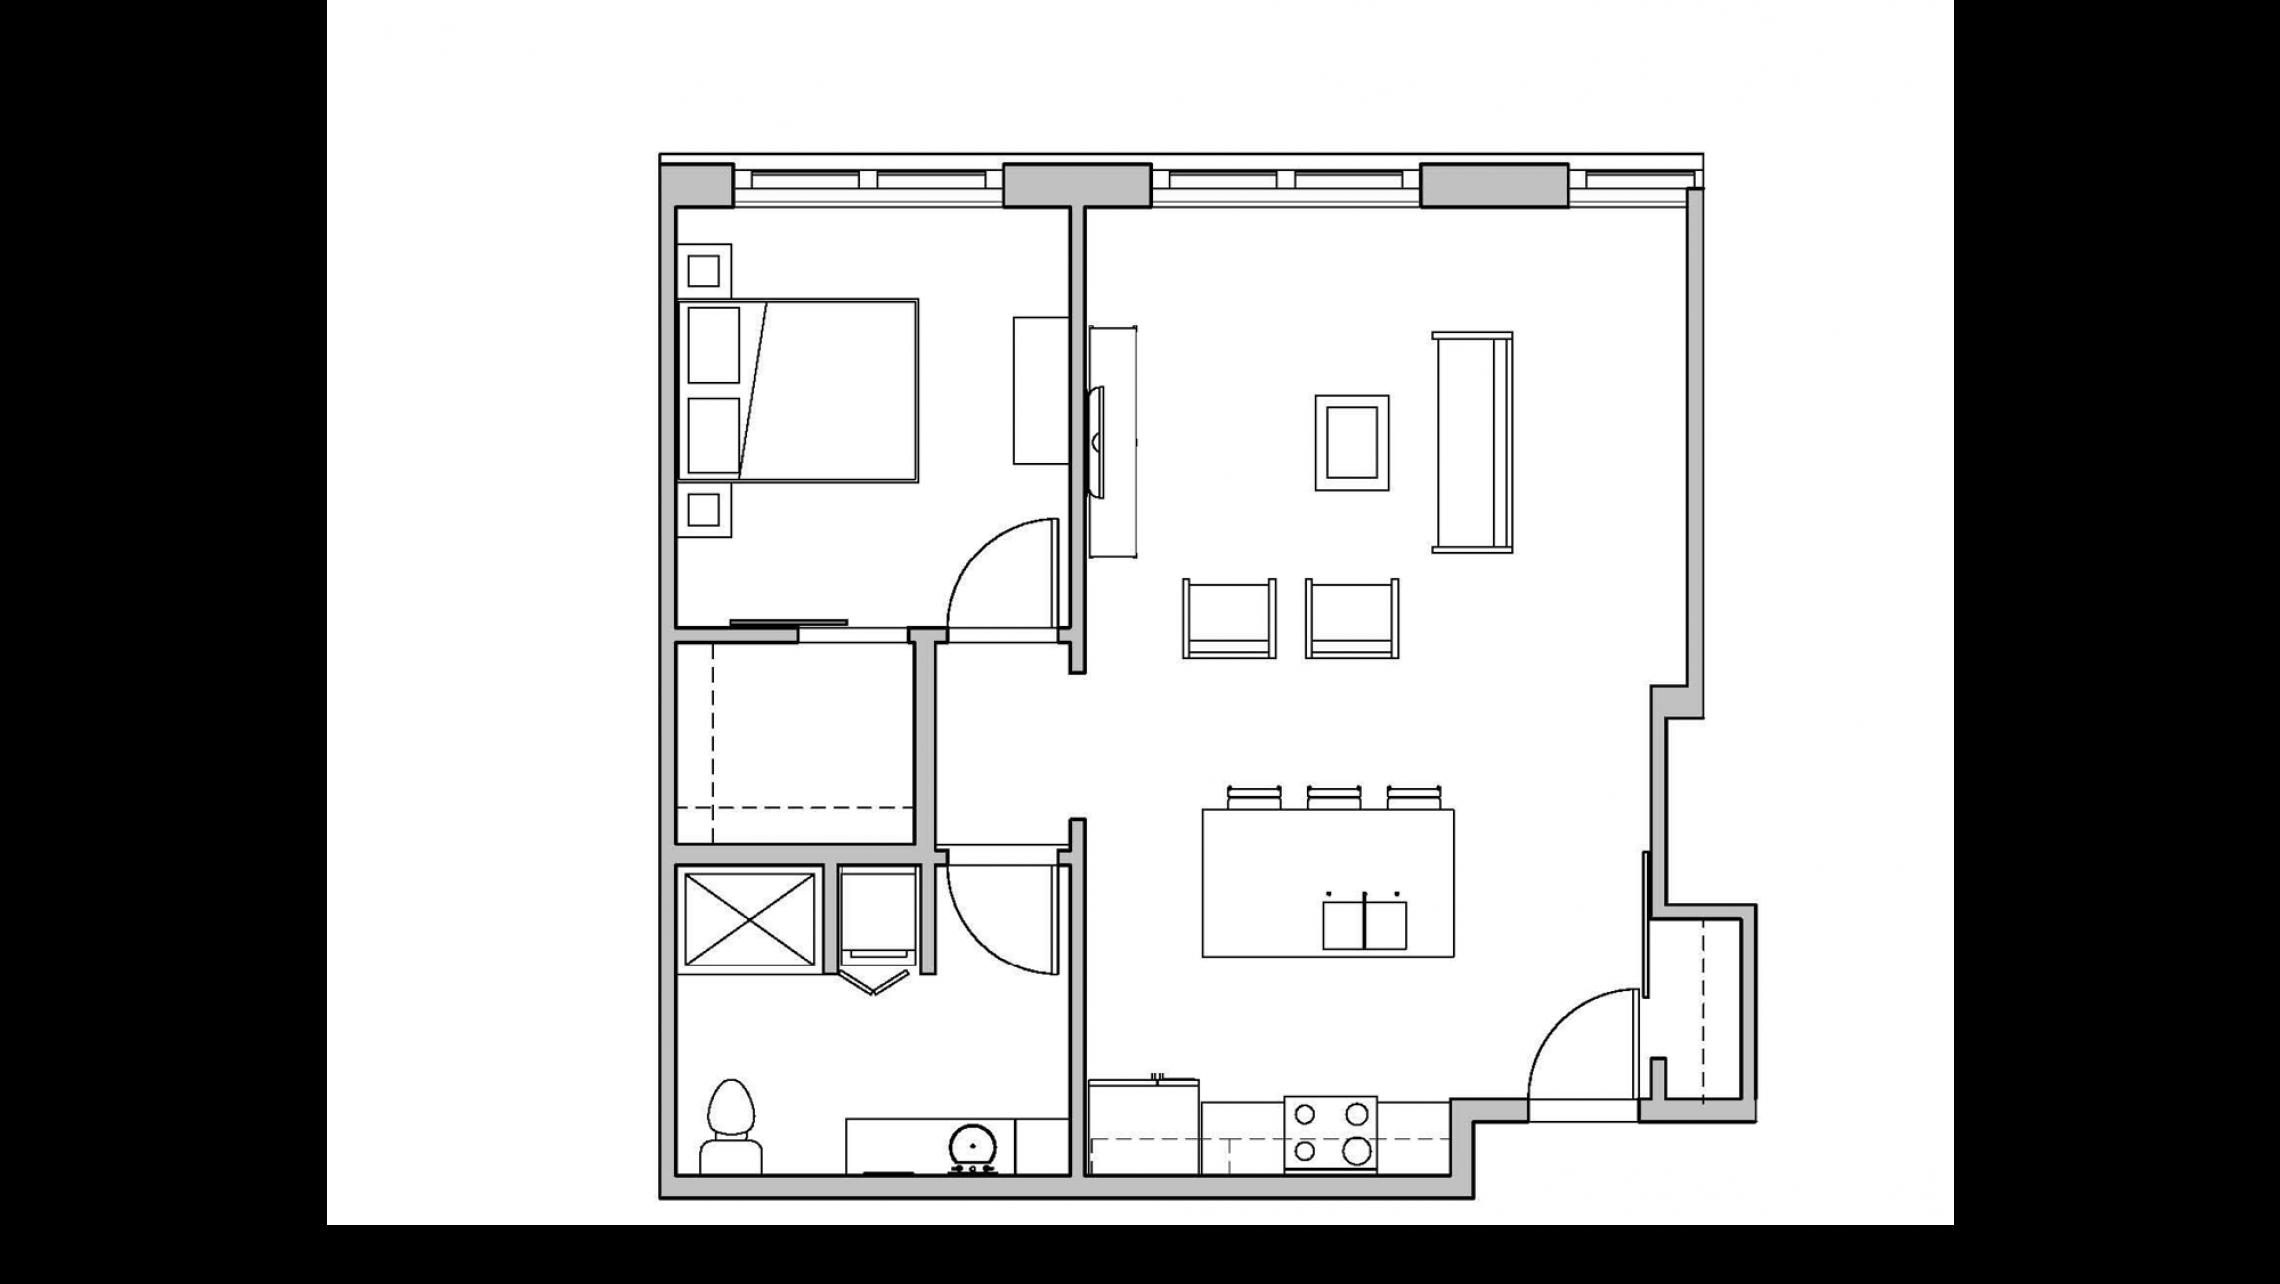 ULI Seven27 116 - One Bedroom, One Bathroom